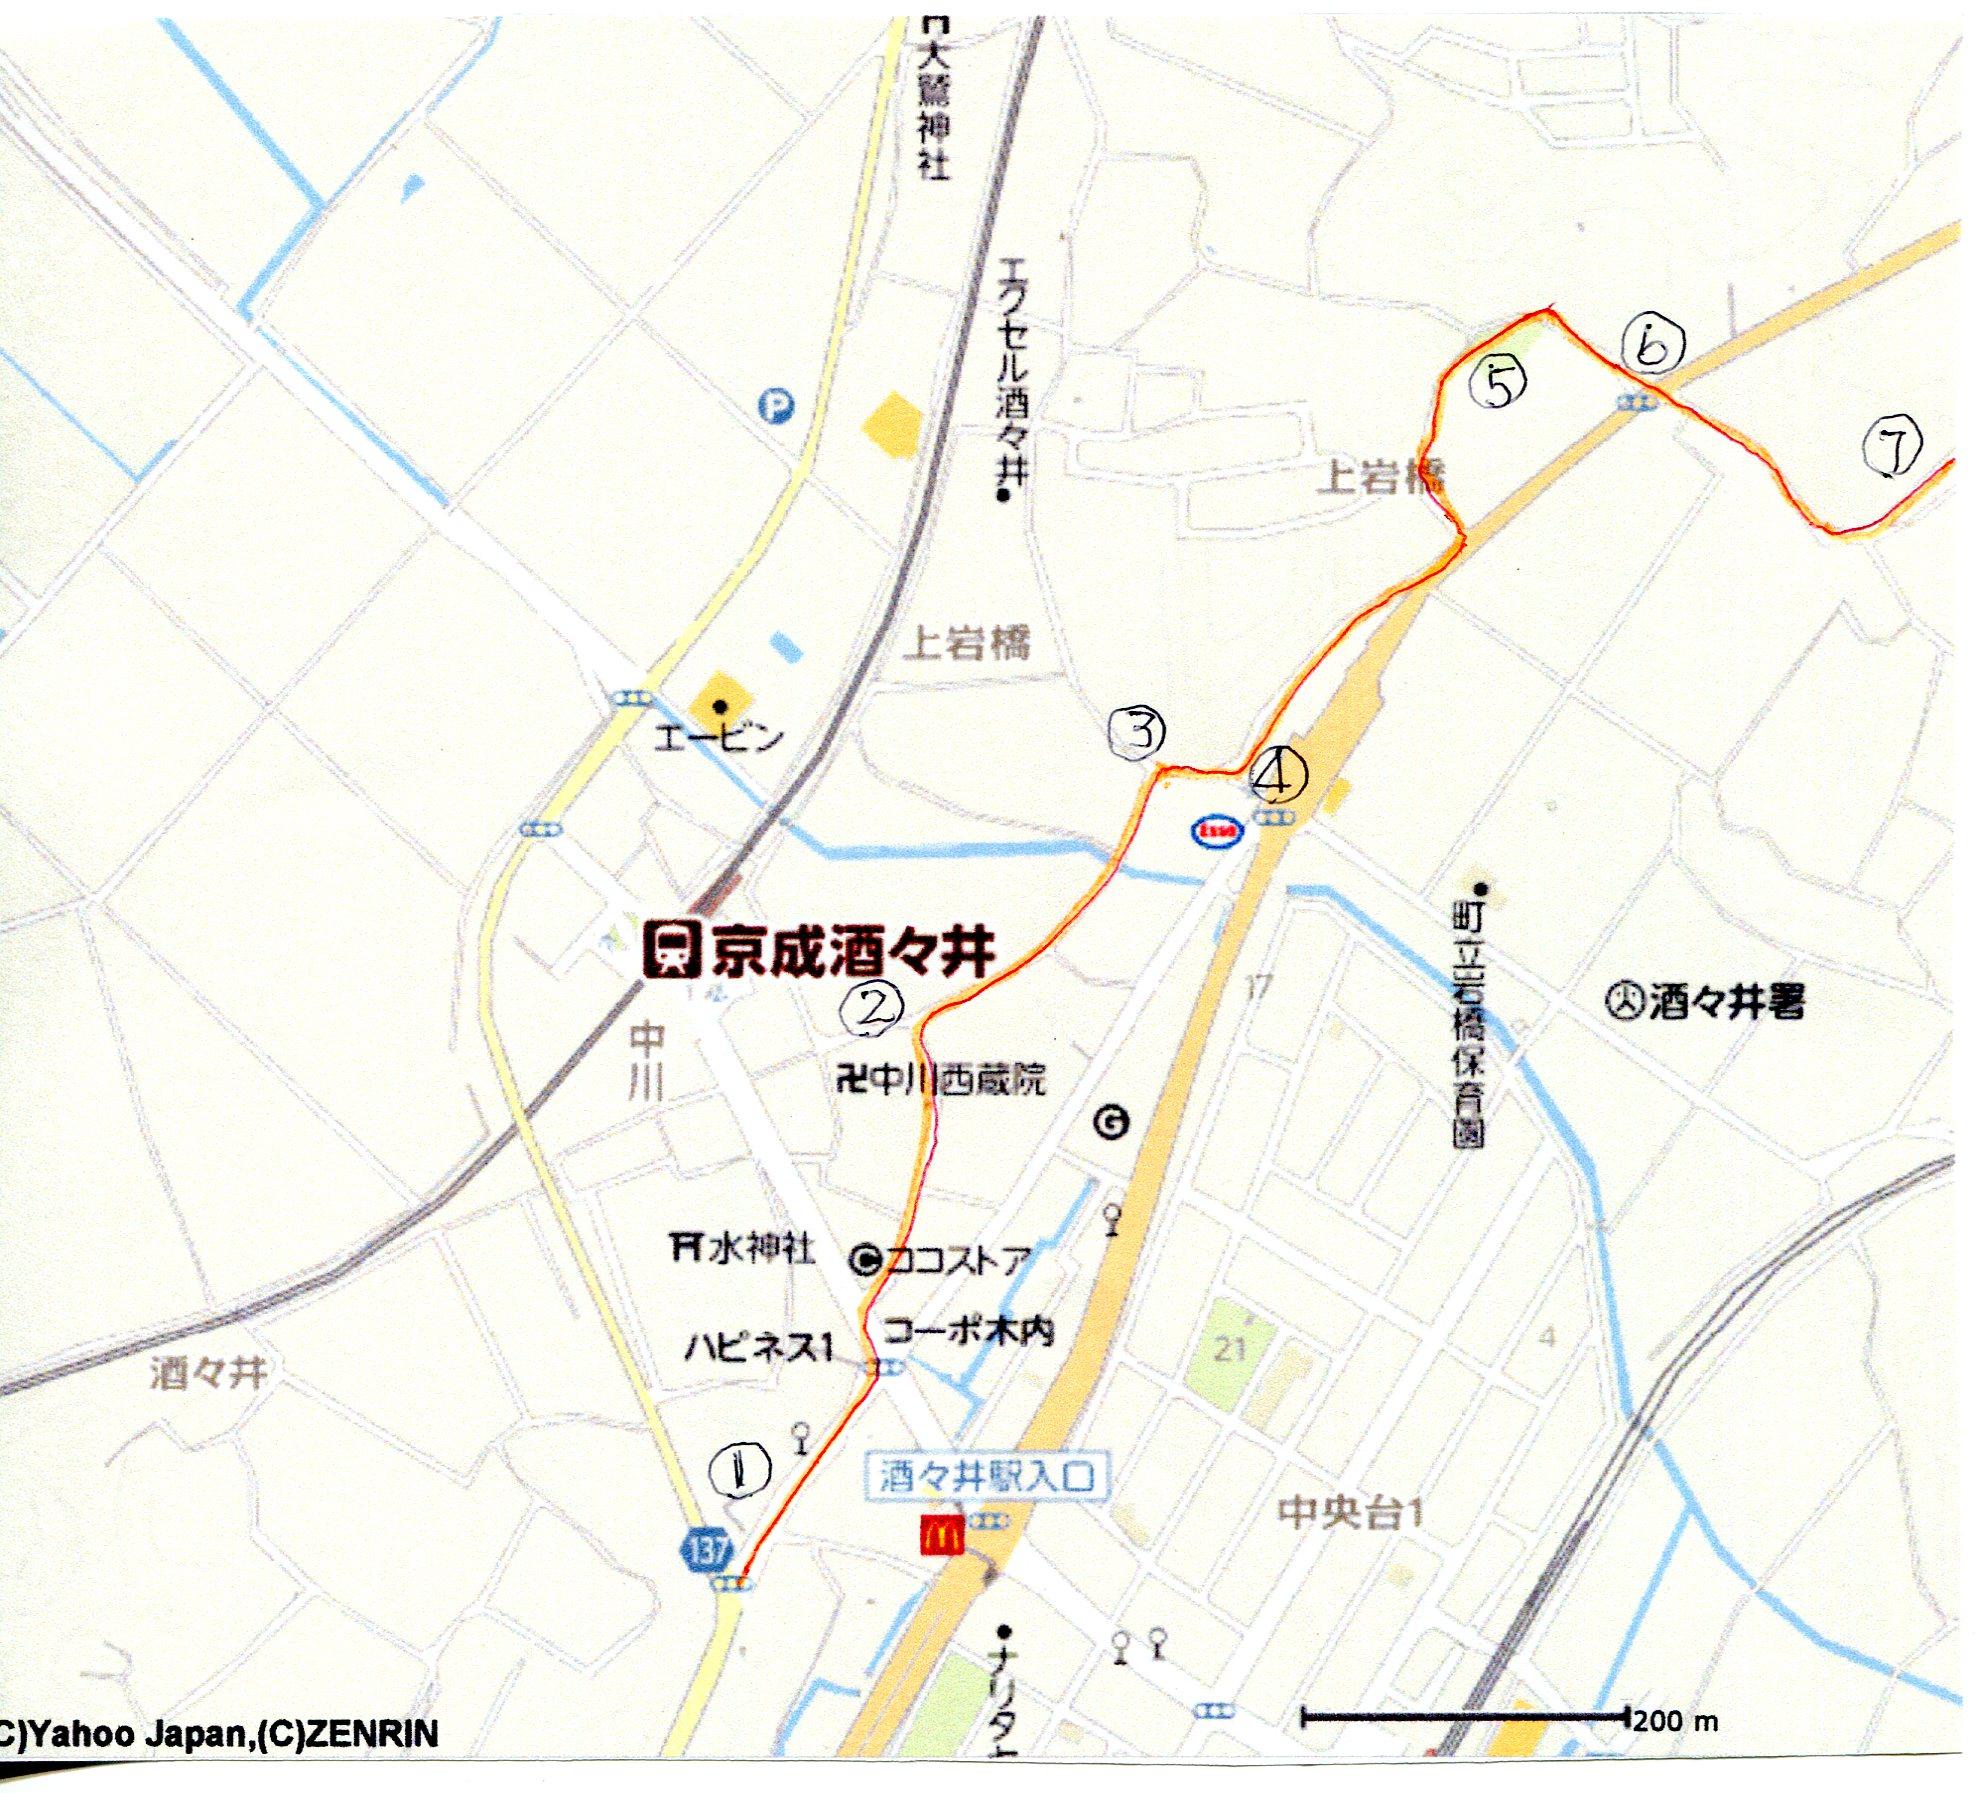 成田街道マップー1